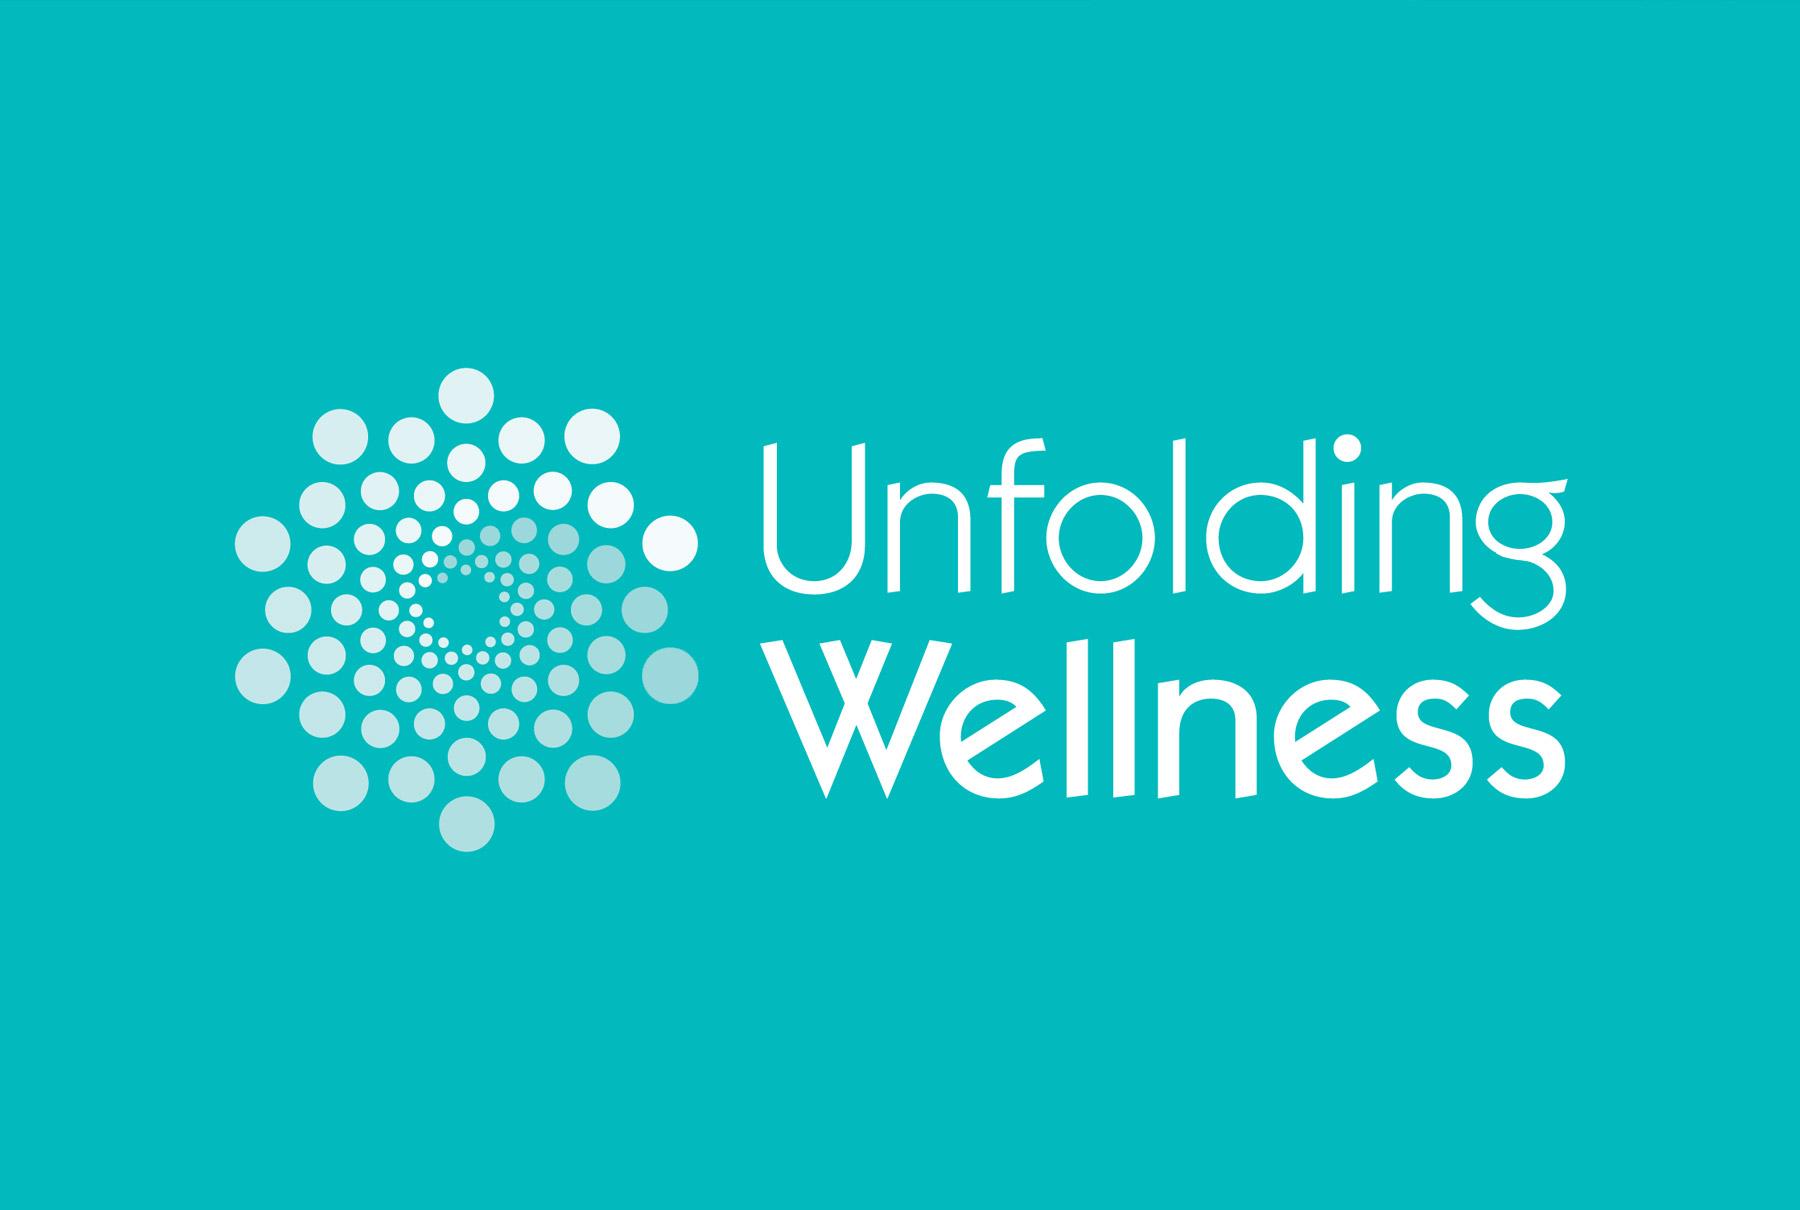 Unfolding Wellness Logo